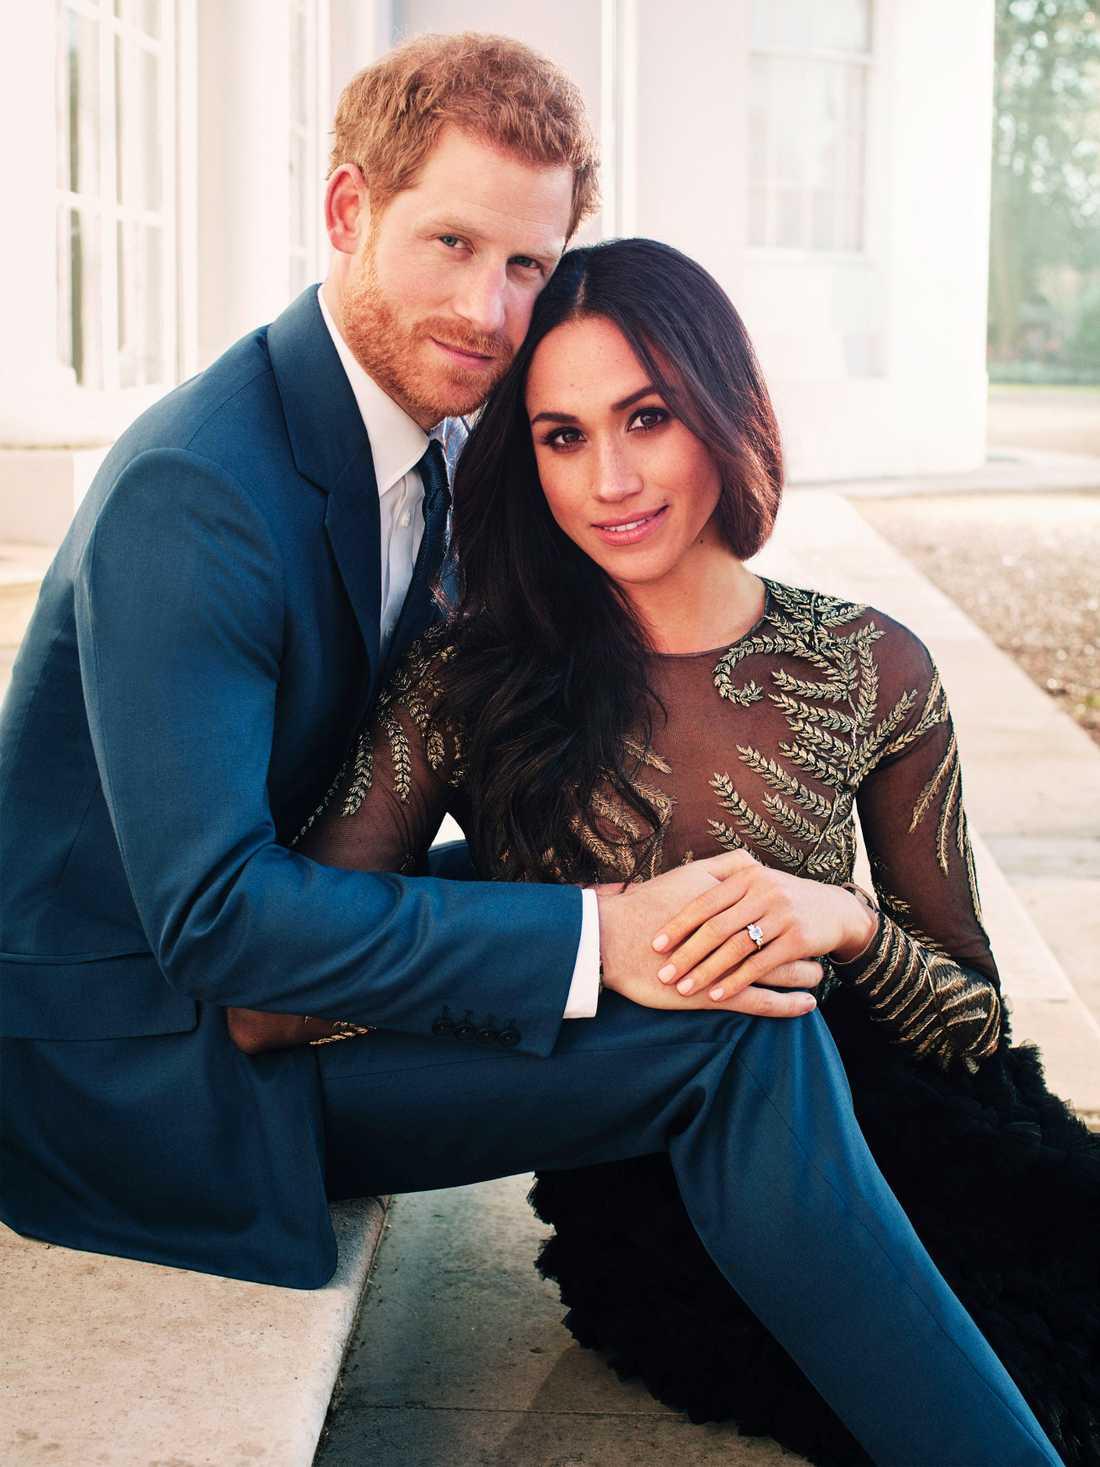 Prins Harry och Meghan Markle poserar för officiella förlovningsbilder tagna i Windsor